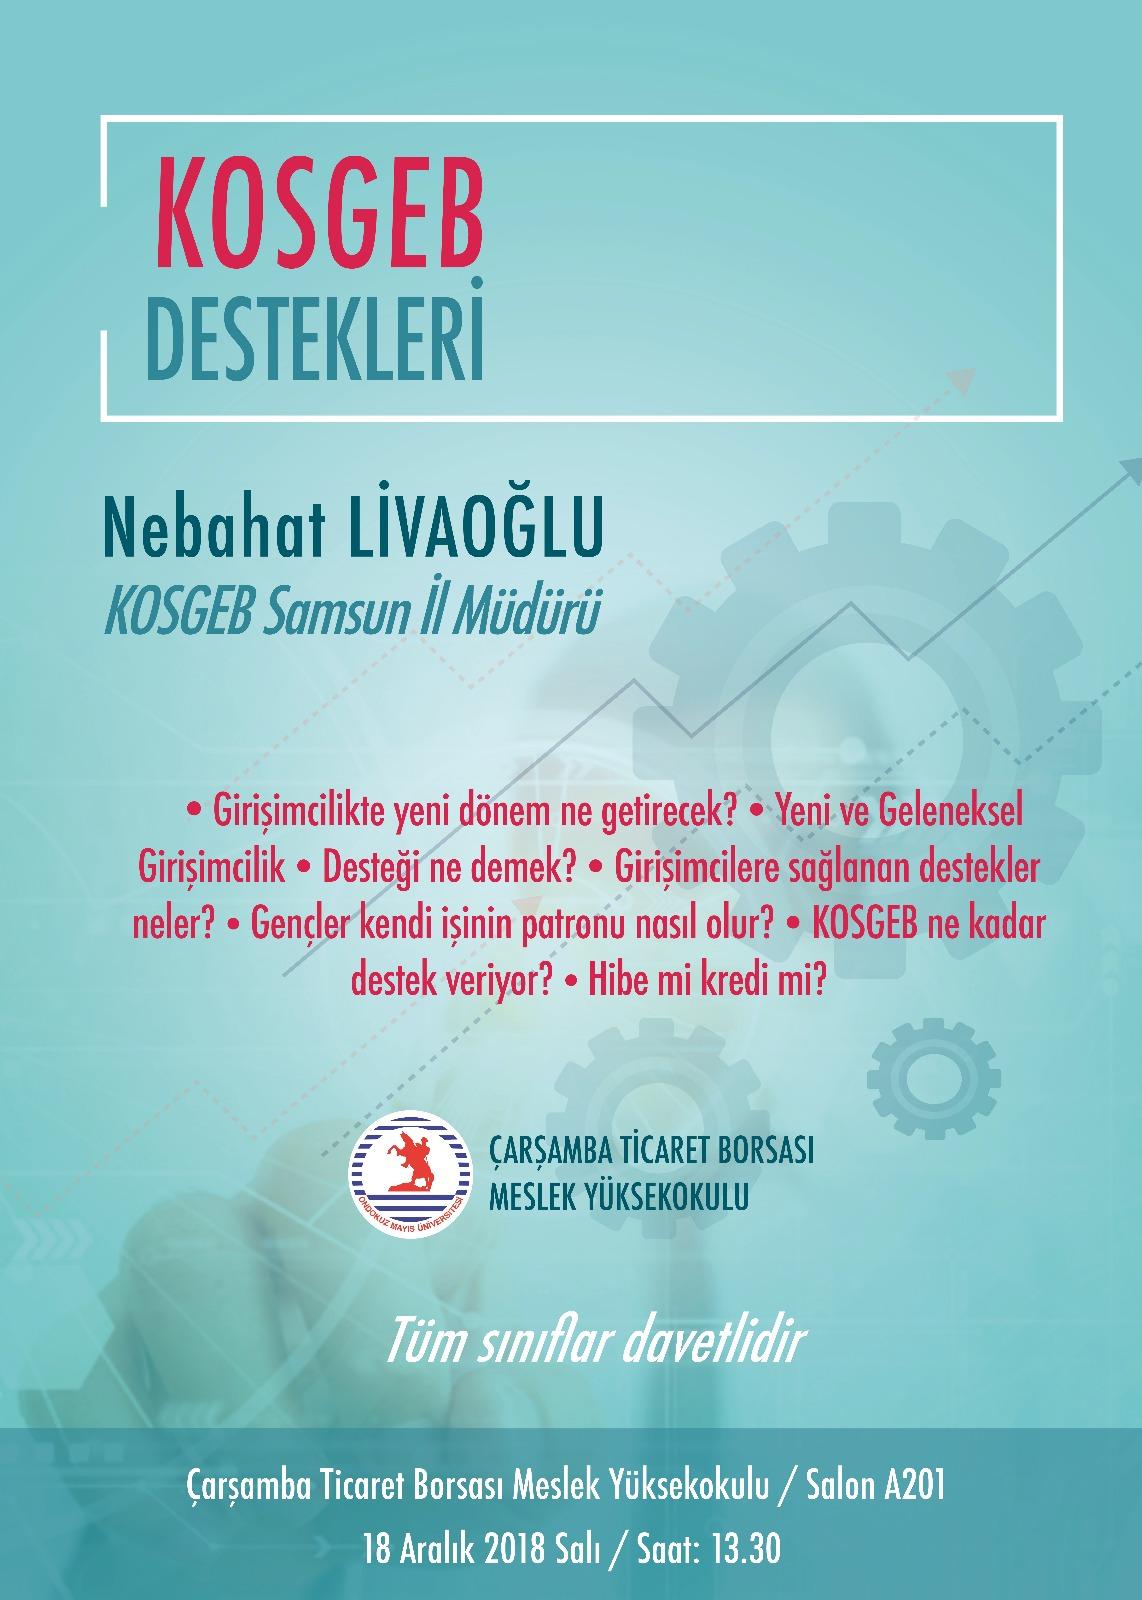 http://www.omu.edu.tr/sites/default/files/carsamba_kosgeb_nebahat_livaoglu.jpeg